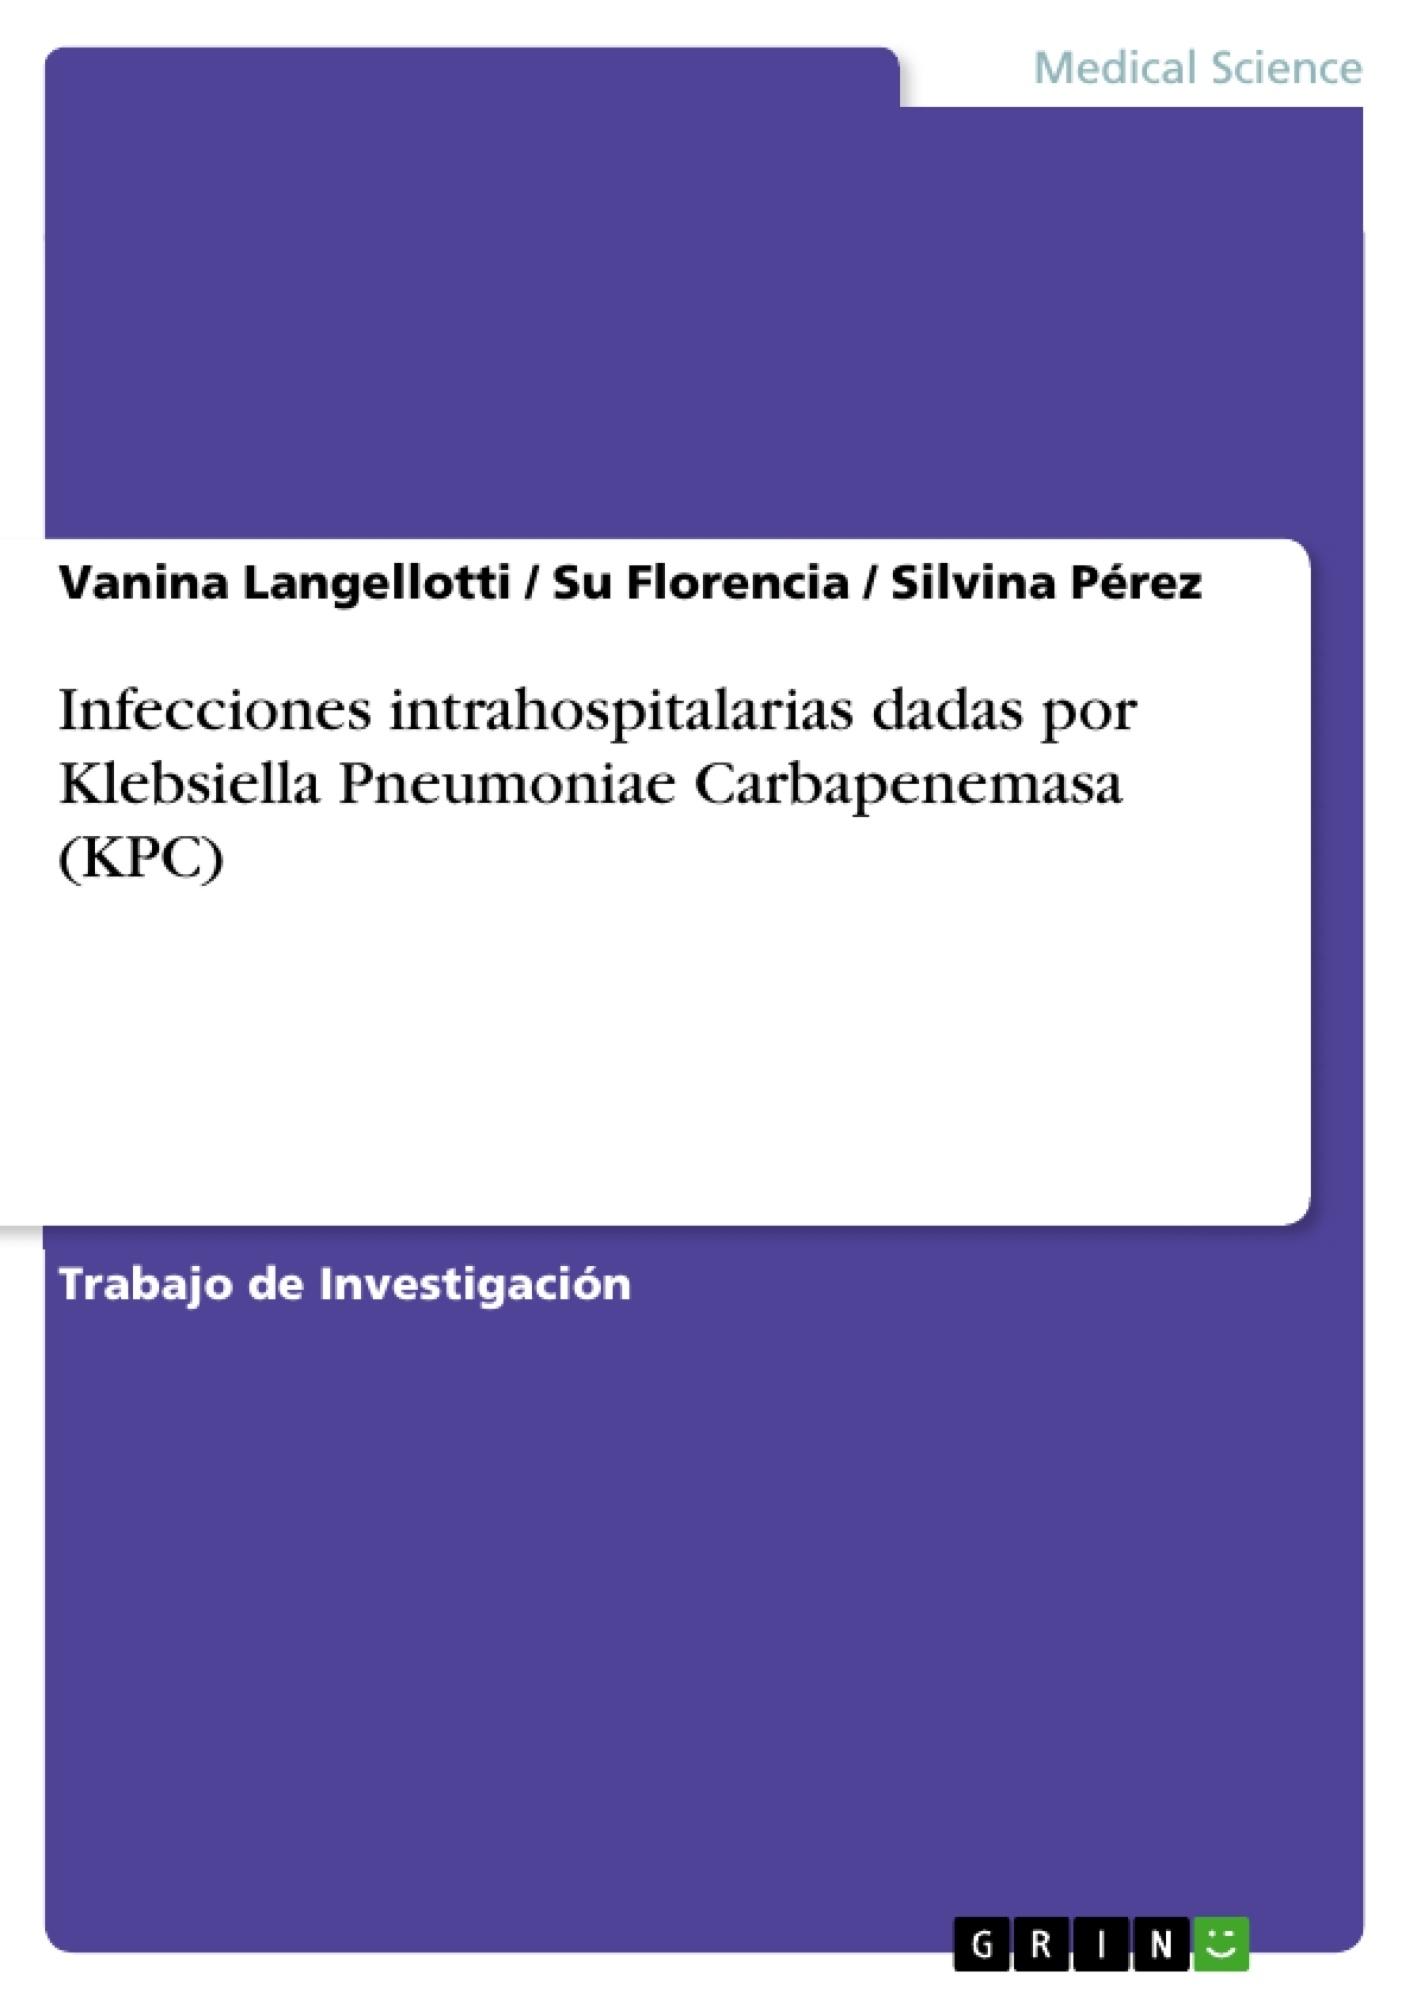 Título: Infecciones intrahospitalarias dadas por Klebsiella Pneumoniae Carbapenemasa (KPC)